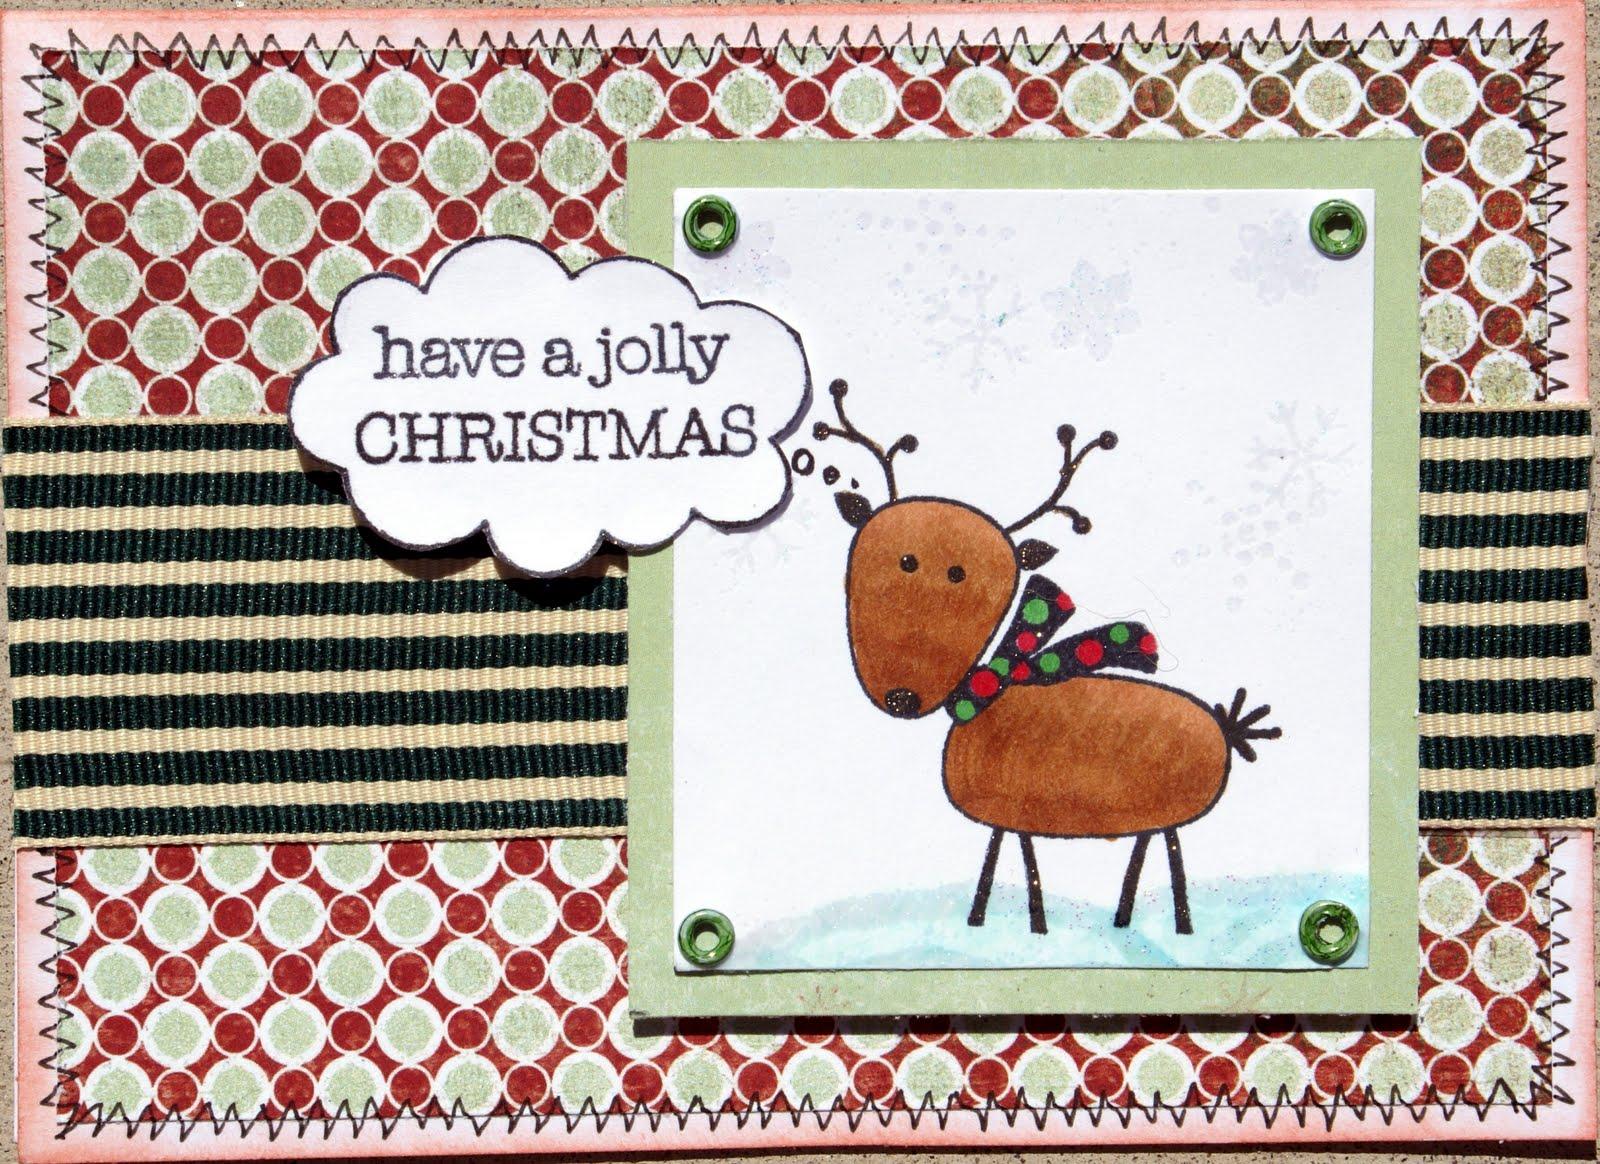 [reindeer+card.JPG]